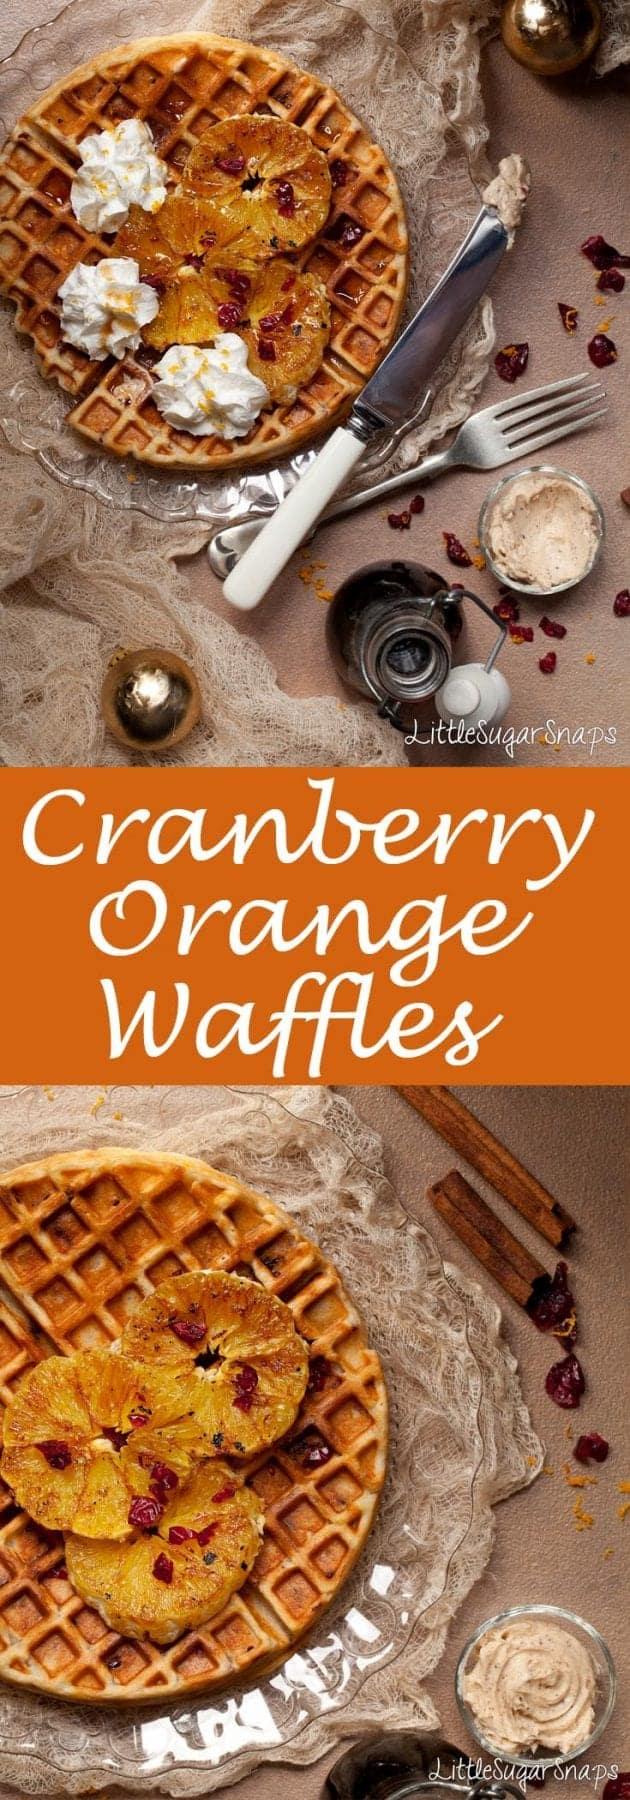 Cranberry Orange Waffles #christmaswaffles #cranberryorange #orangewaffles #waffles #festivewaffles